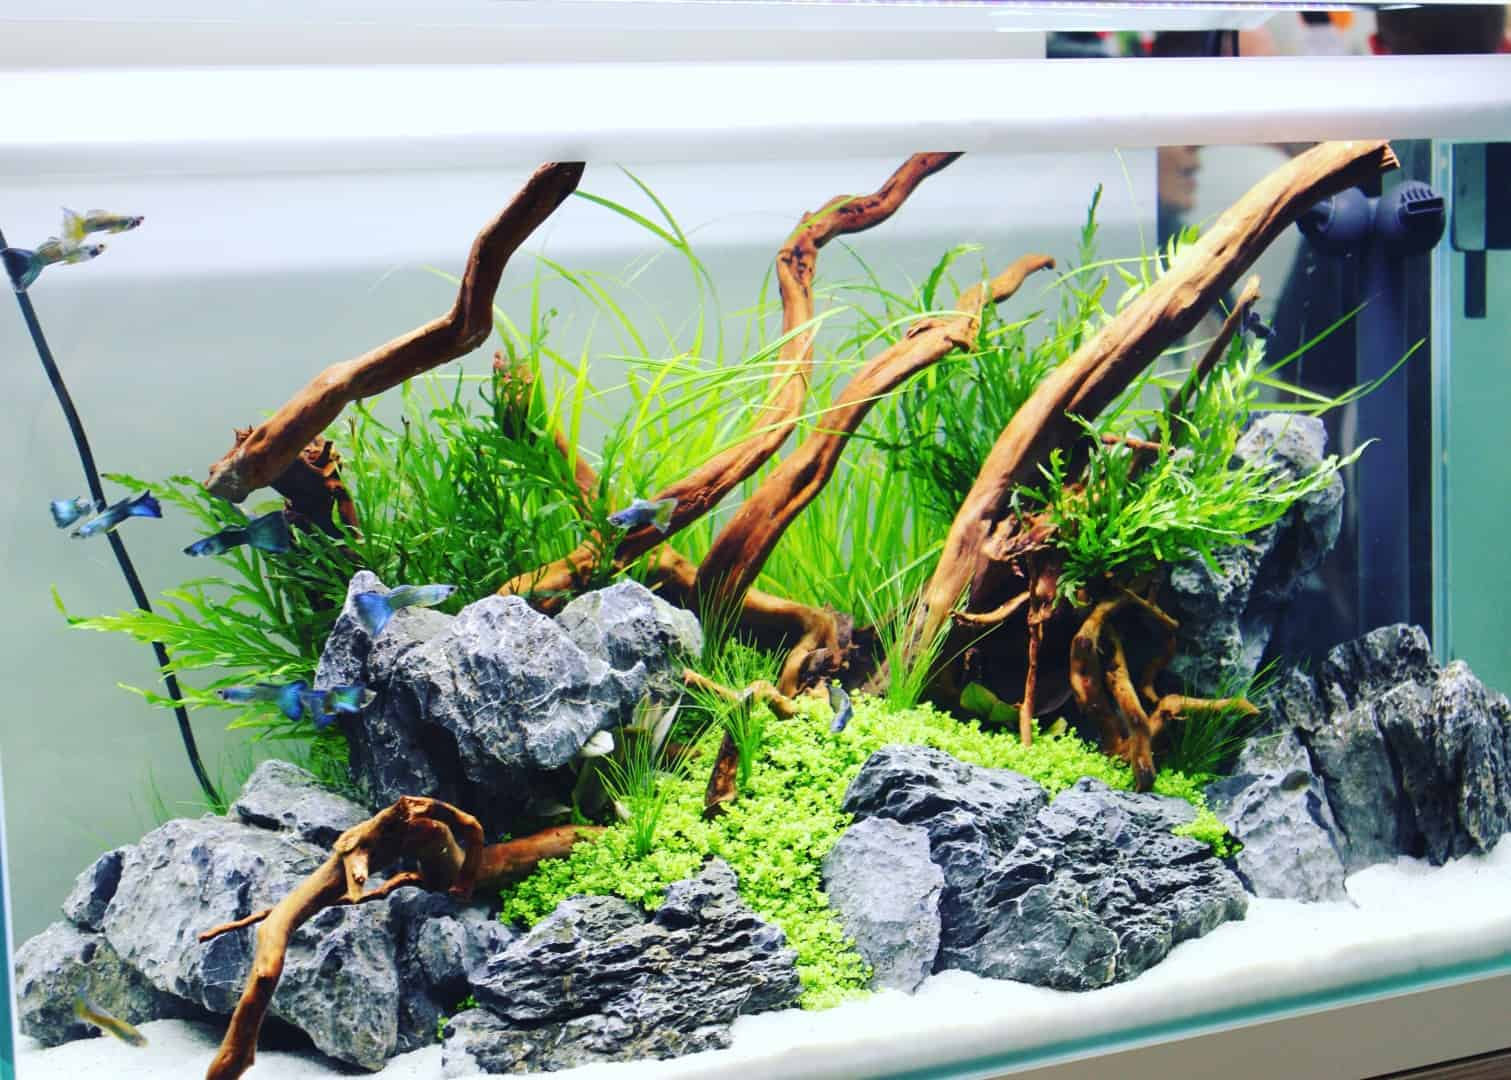 226: Regelmäßige Arbeiten im Aquarium - So einfach geht's 21